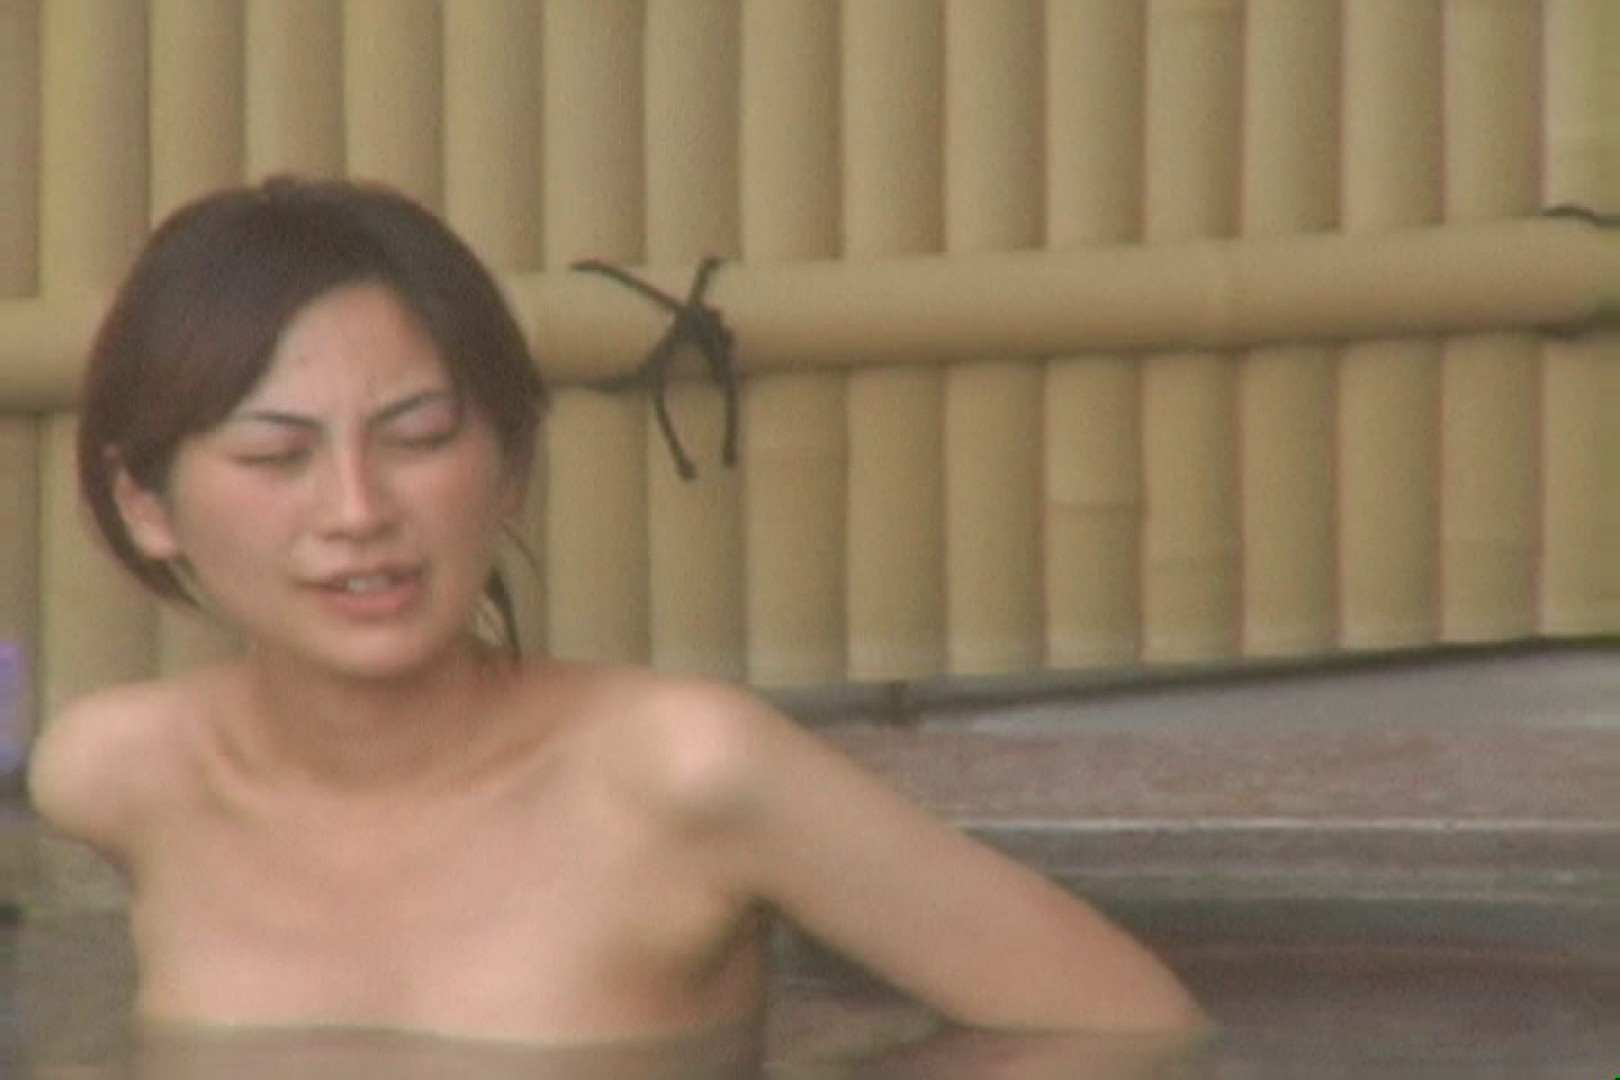 Aquaな露天風呂Vol.26【VIP】 露天 | 盗撮  59画像 55